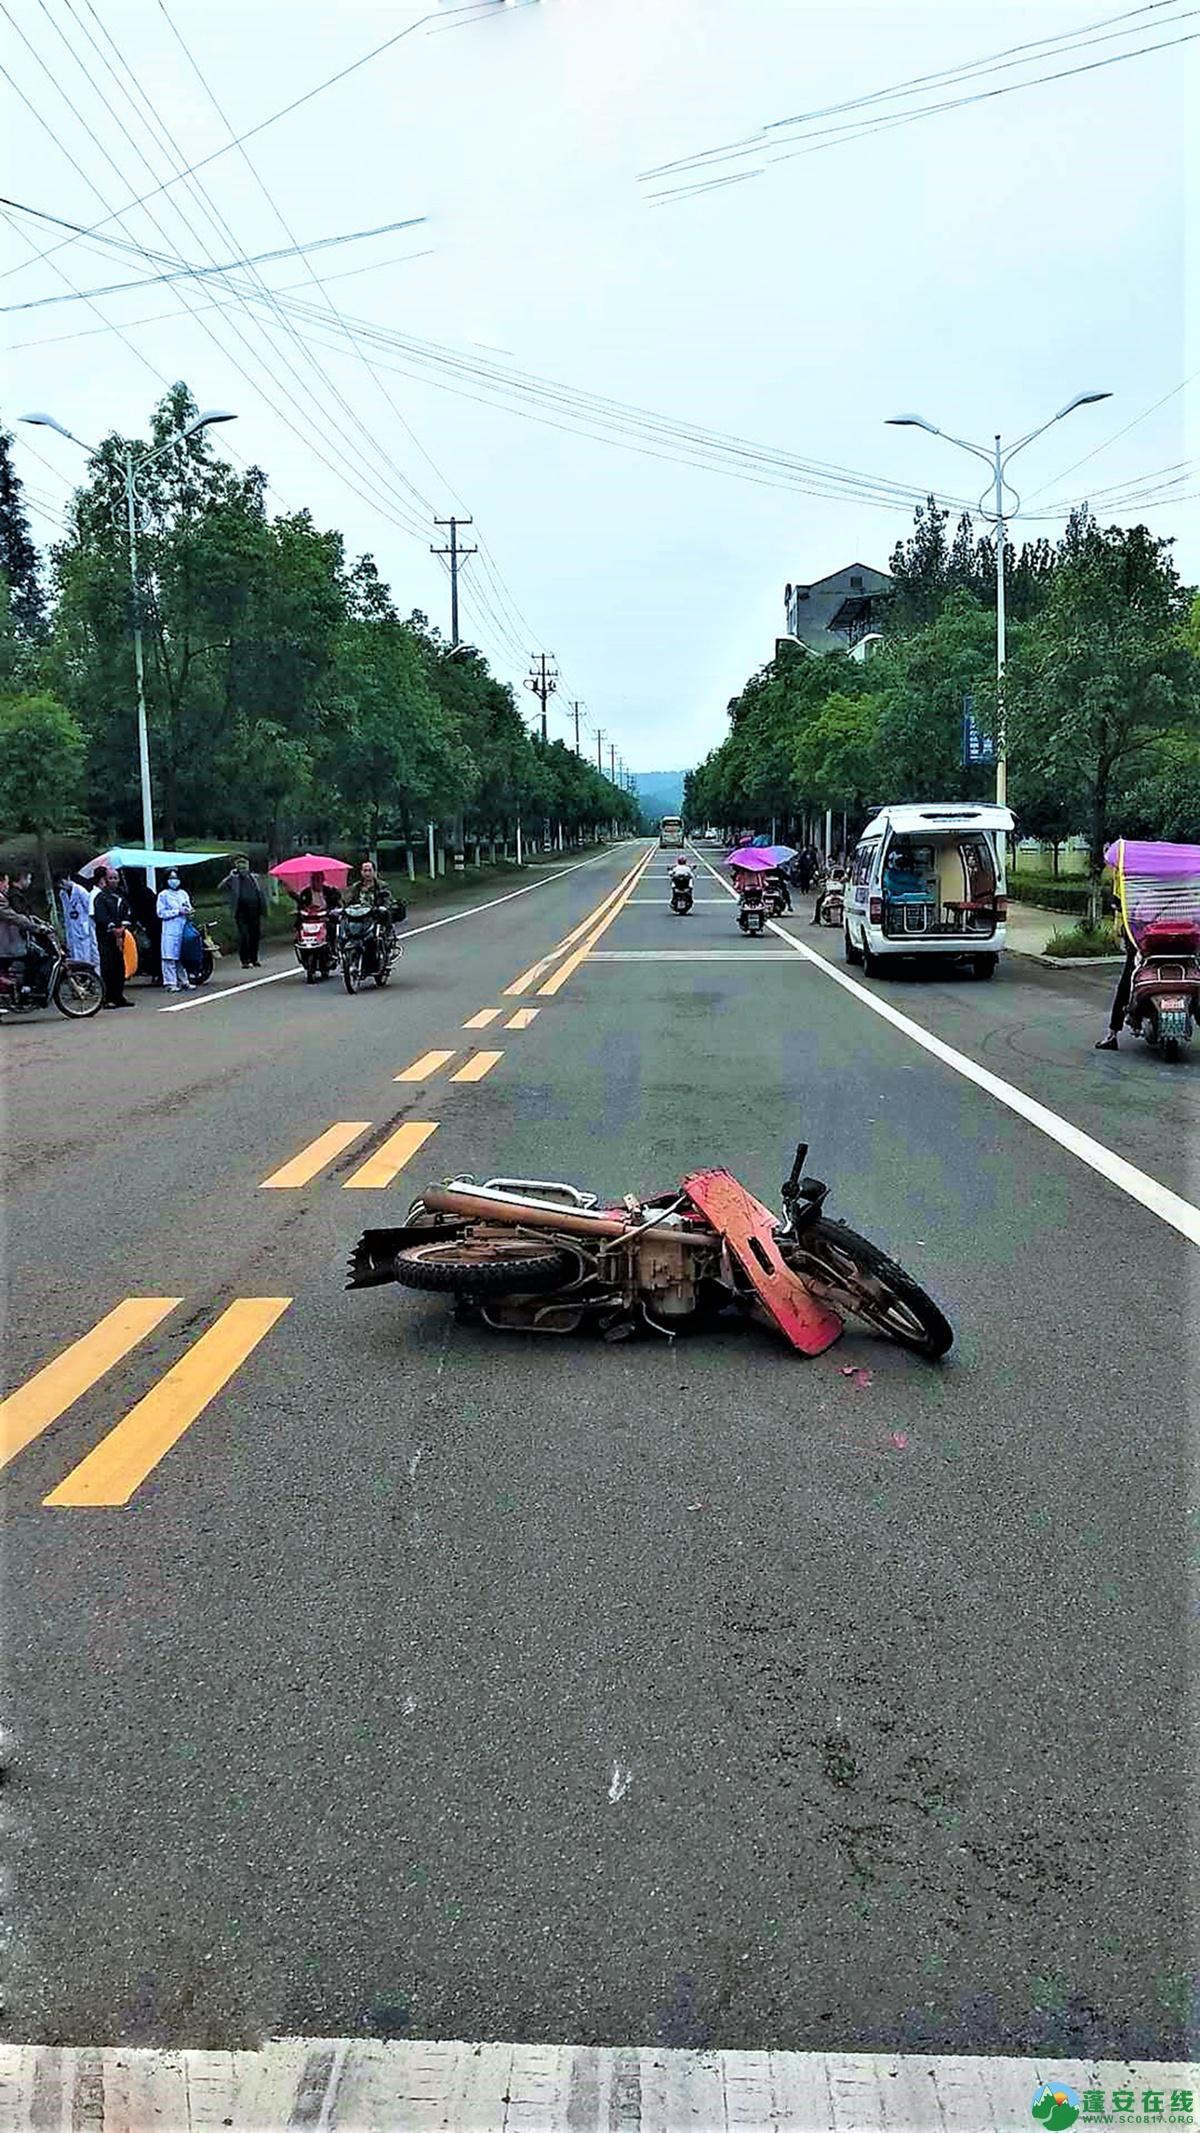 蓬安县河舒工业园区桂花路发生两摩托车相撞 - 第4张  | 蓬安在线